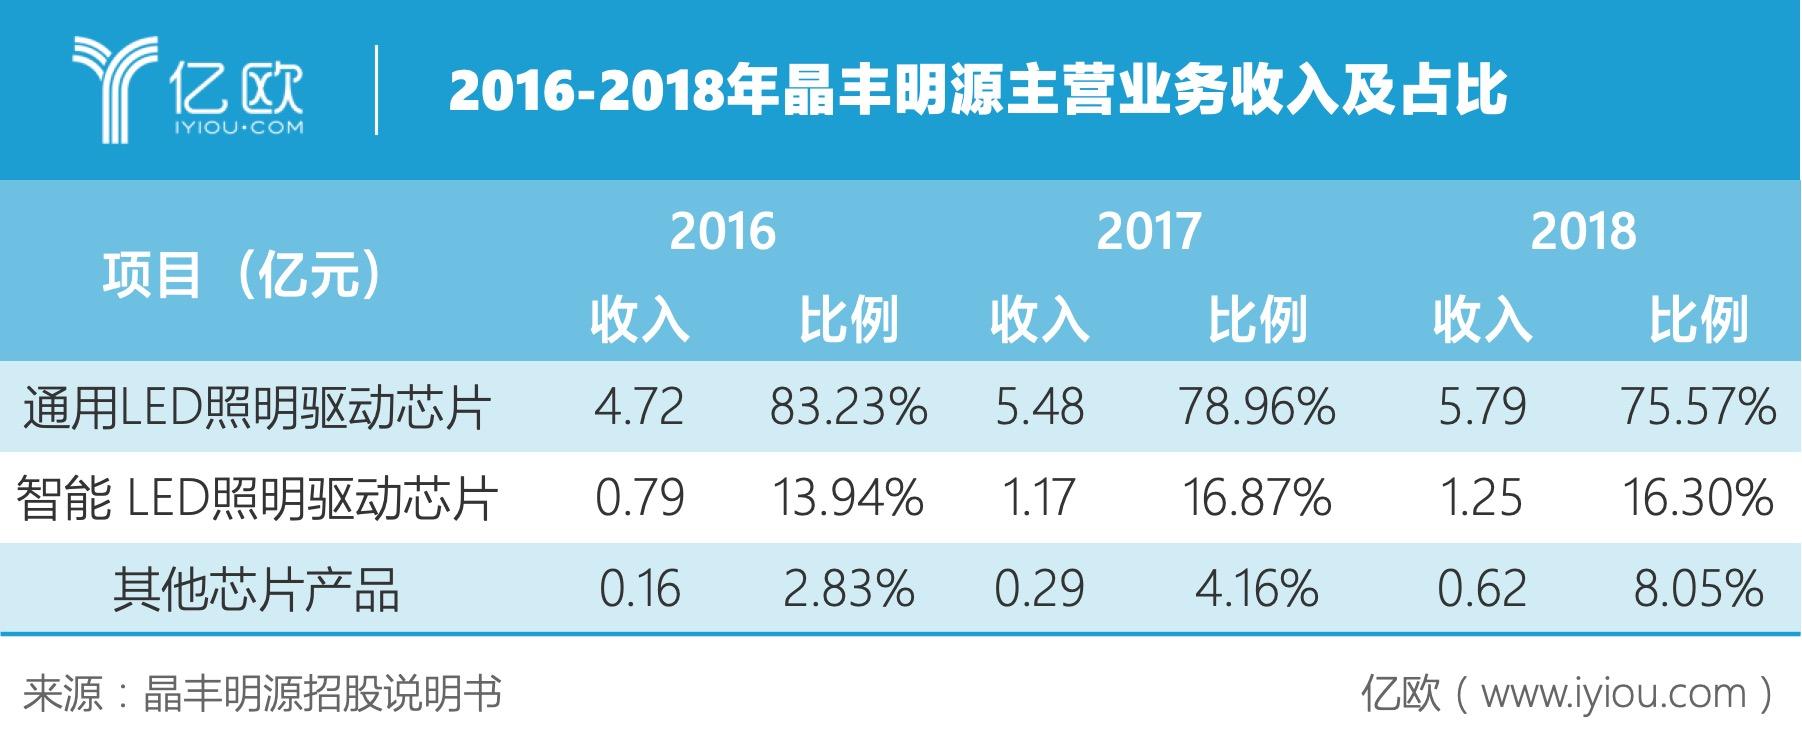 2016-2018年晶丰明源主营业务收入及占比.jpeg